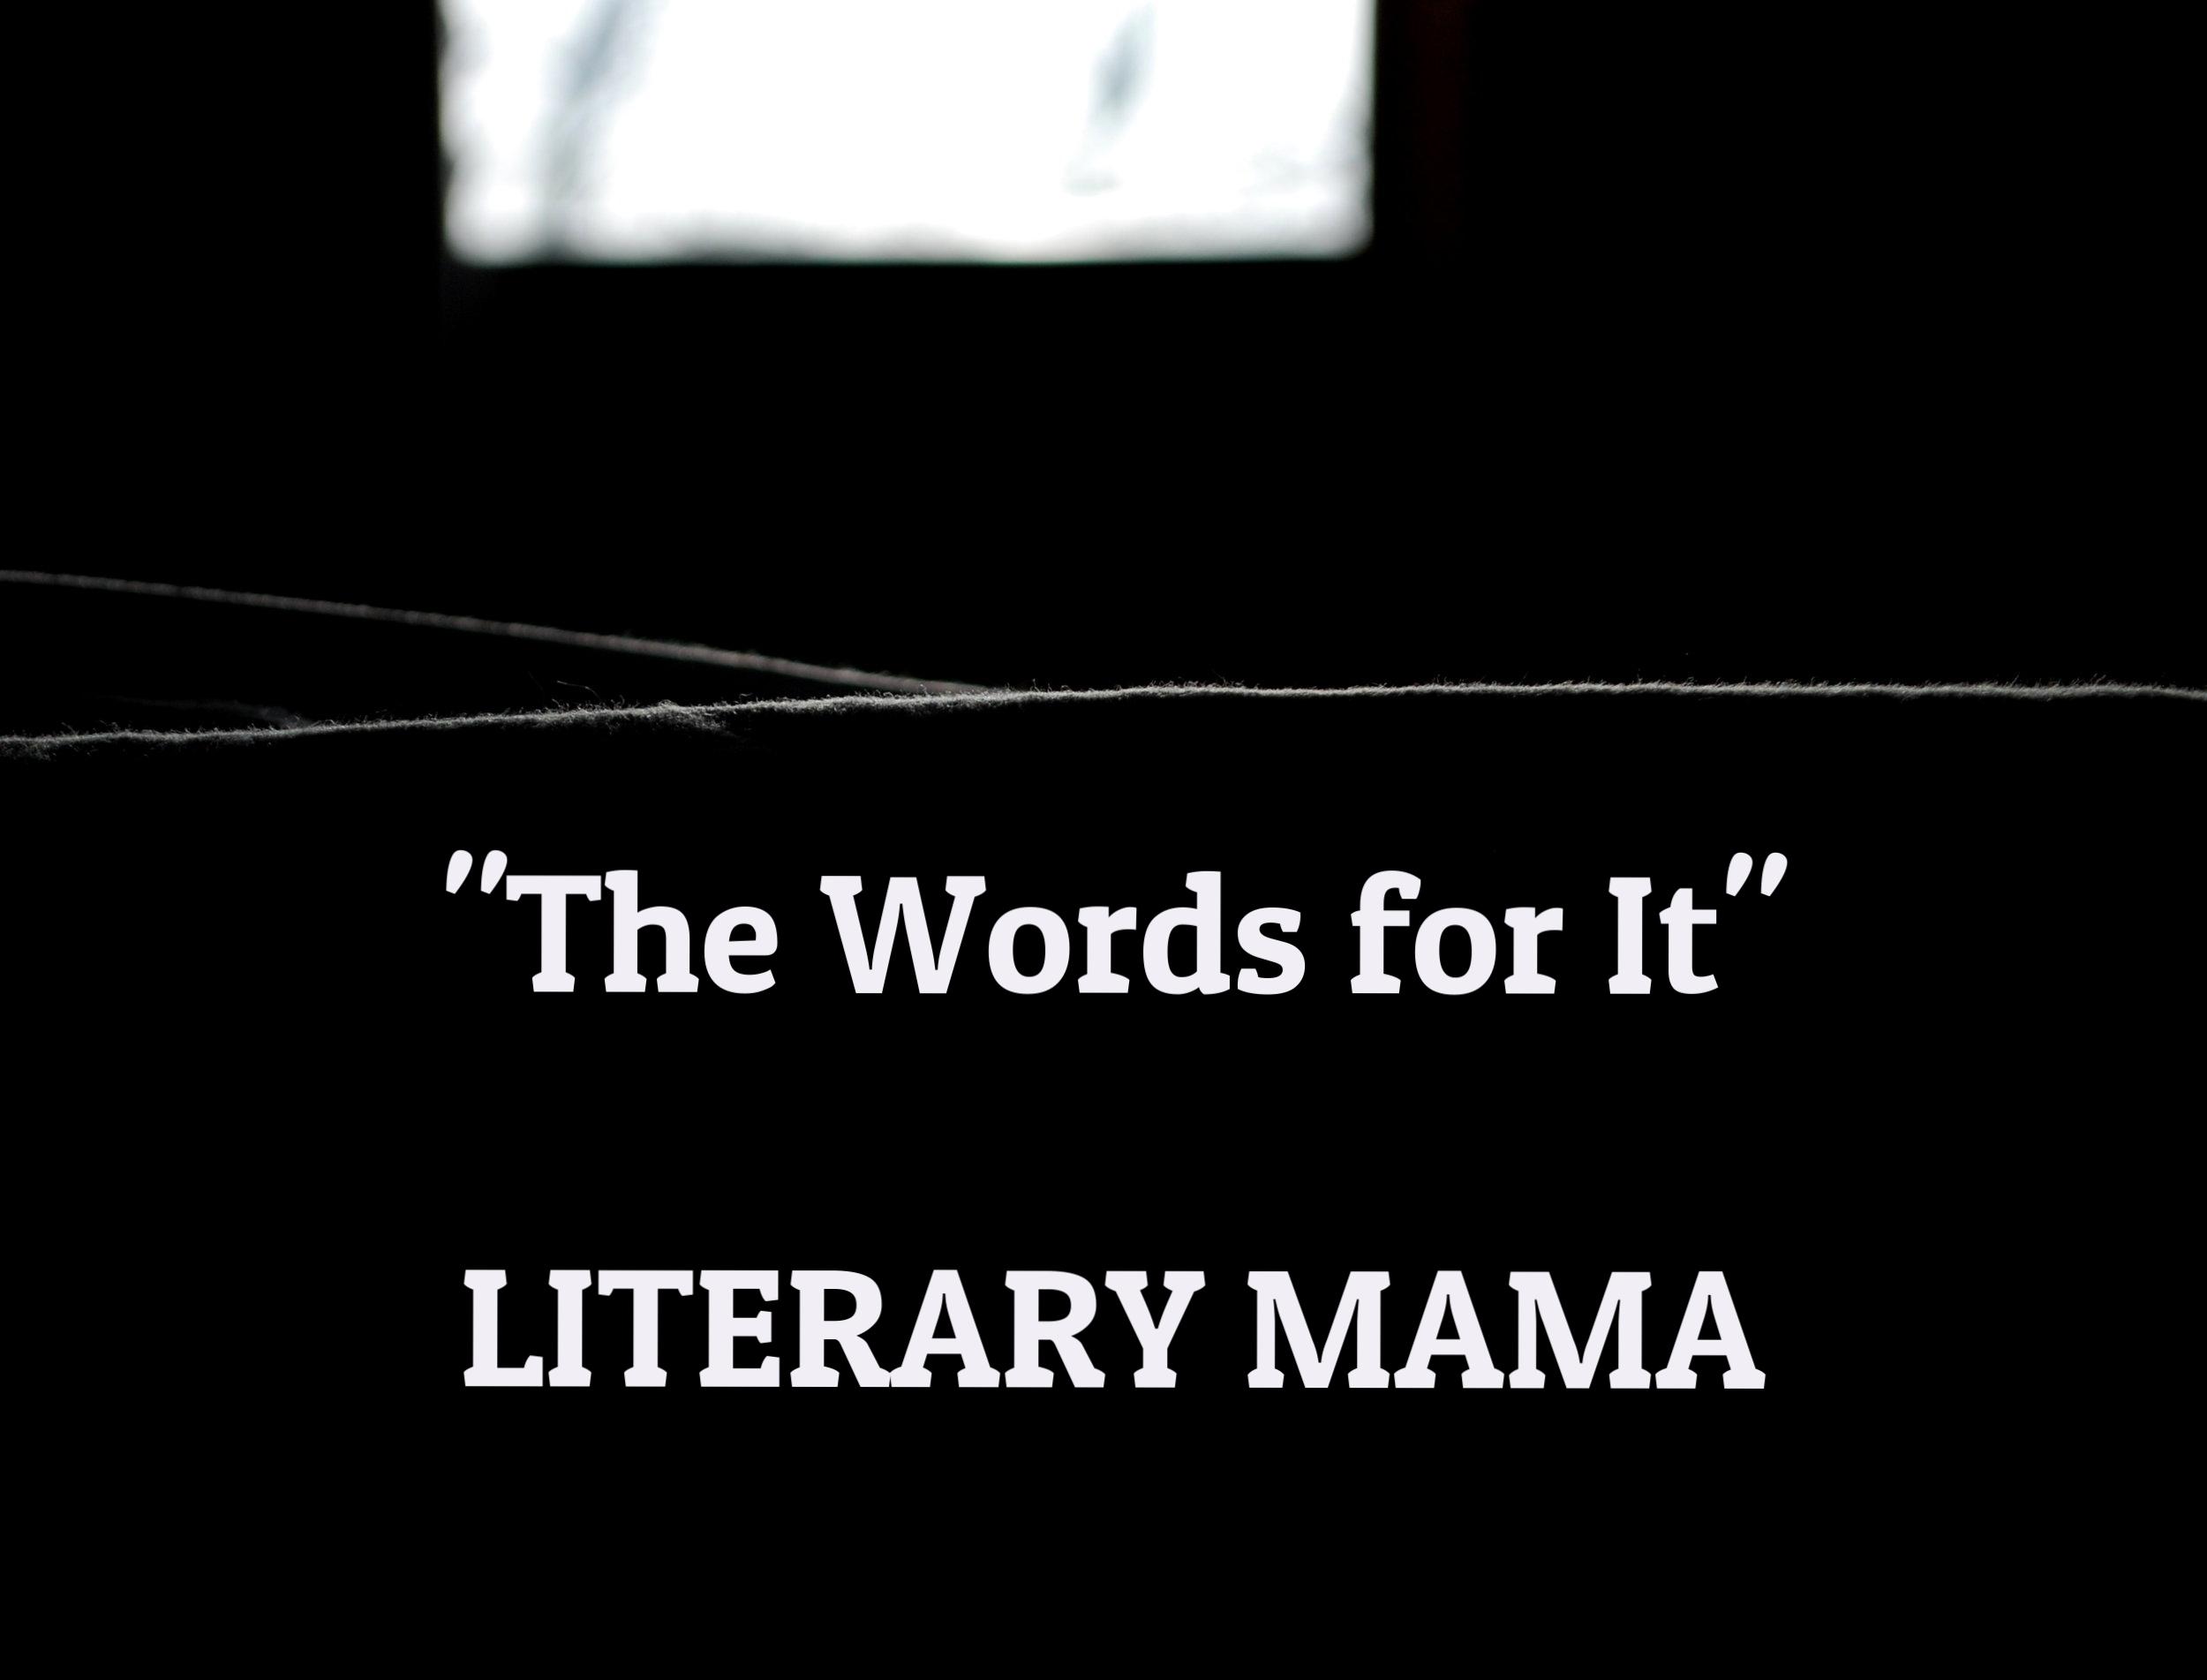 literary mama essay maria mutch